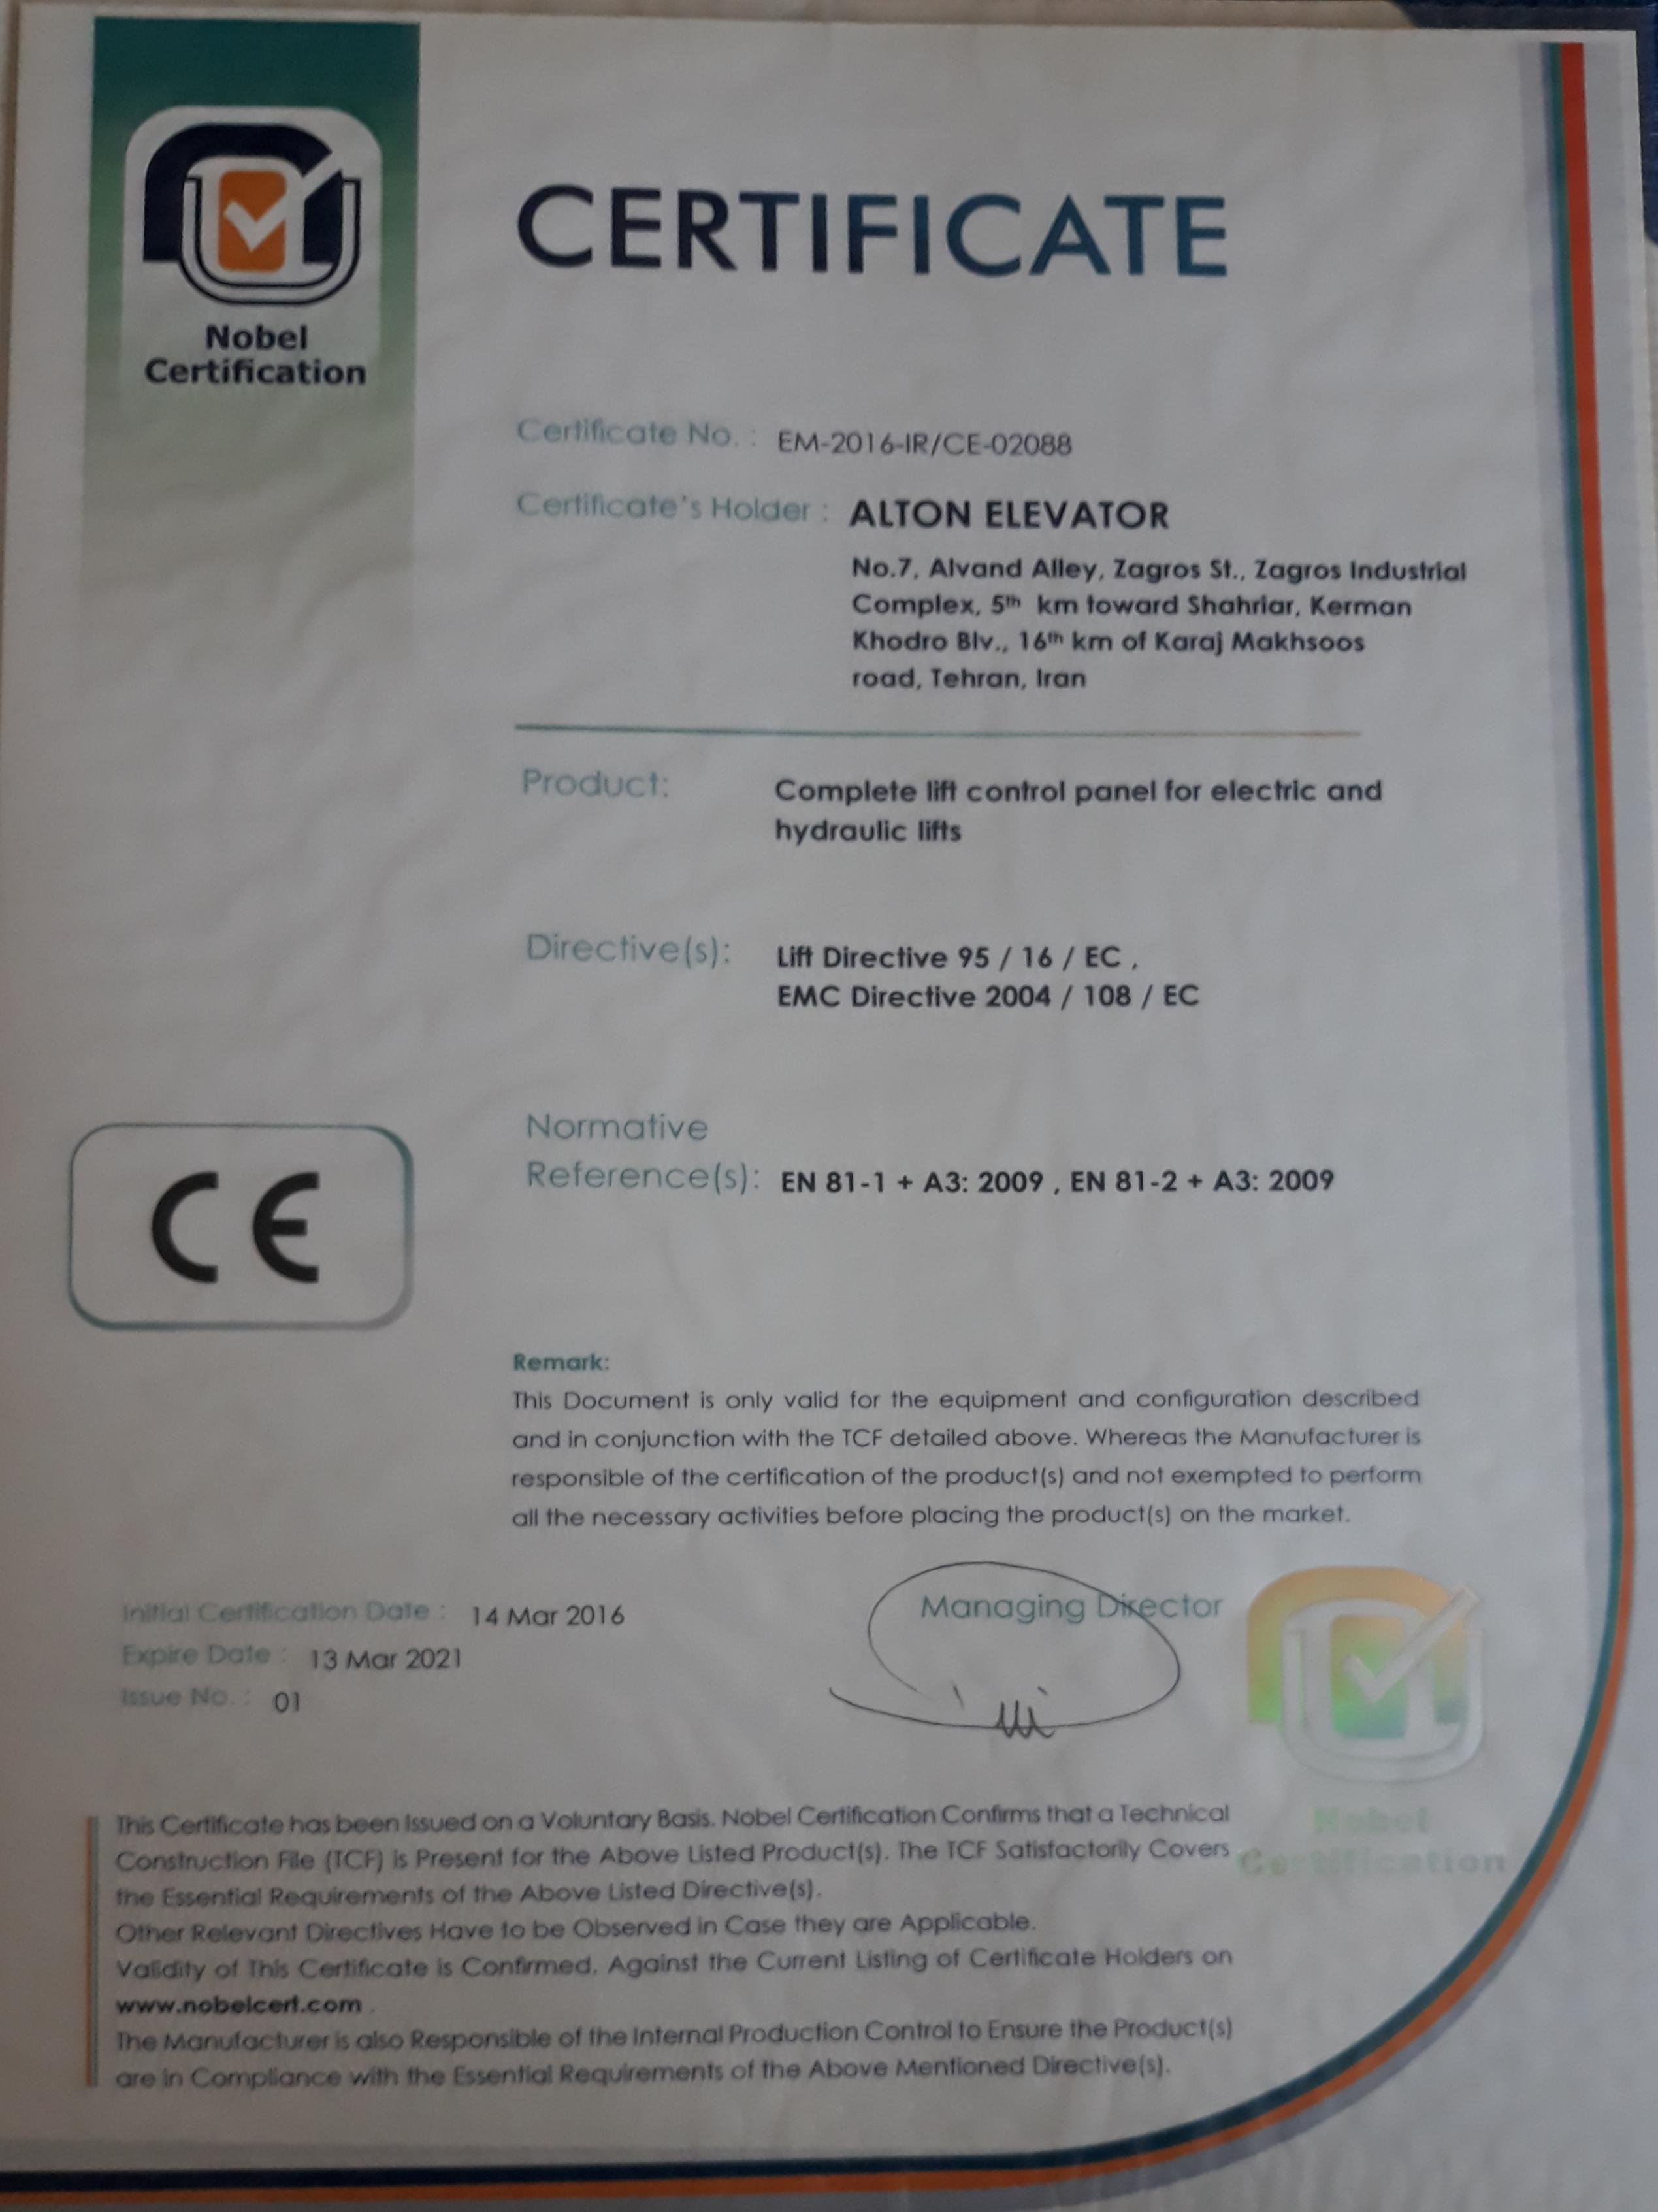 گواهی CE ،گواهی کیفیت اروپا